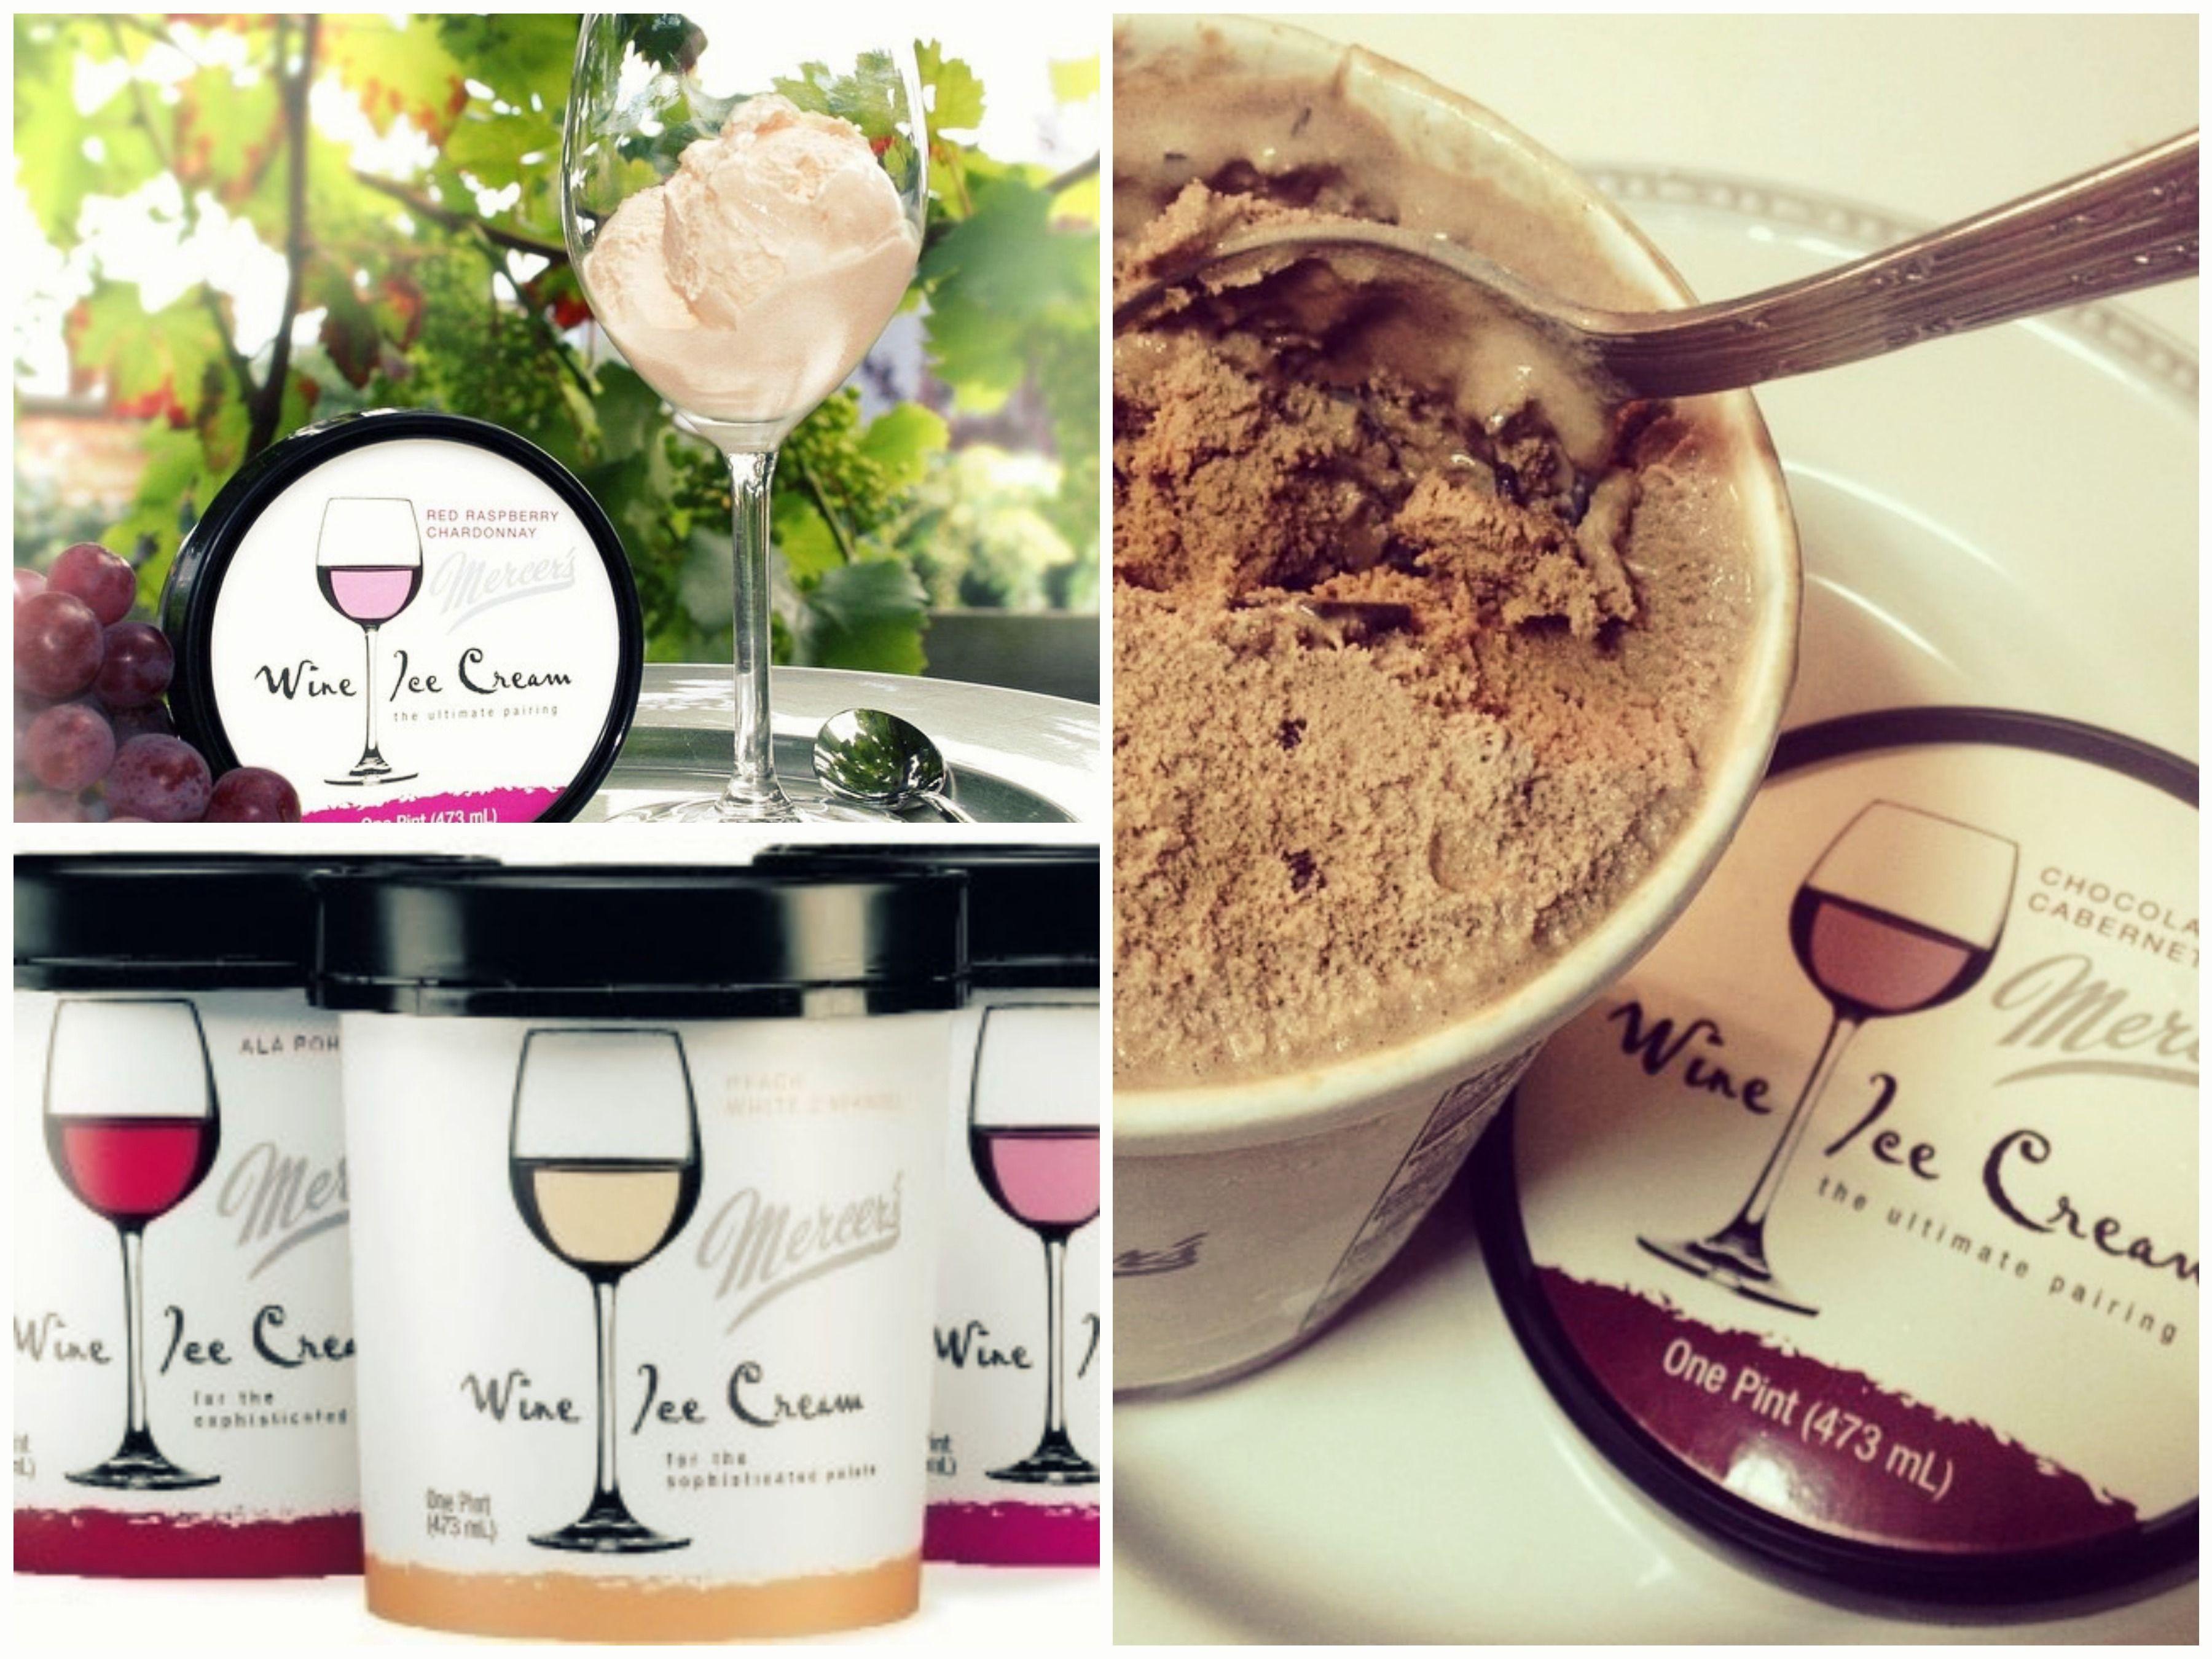 Miam une glace au vin !! #yummy #vin #glace #summer #été